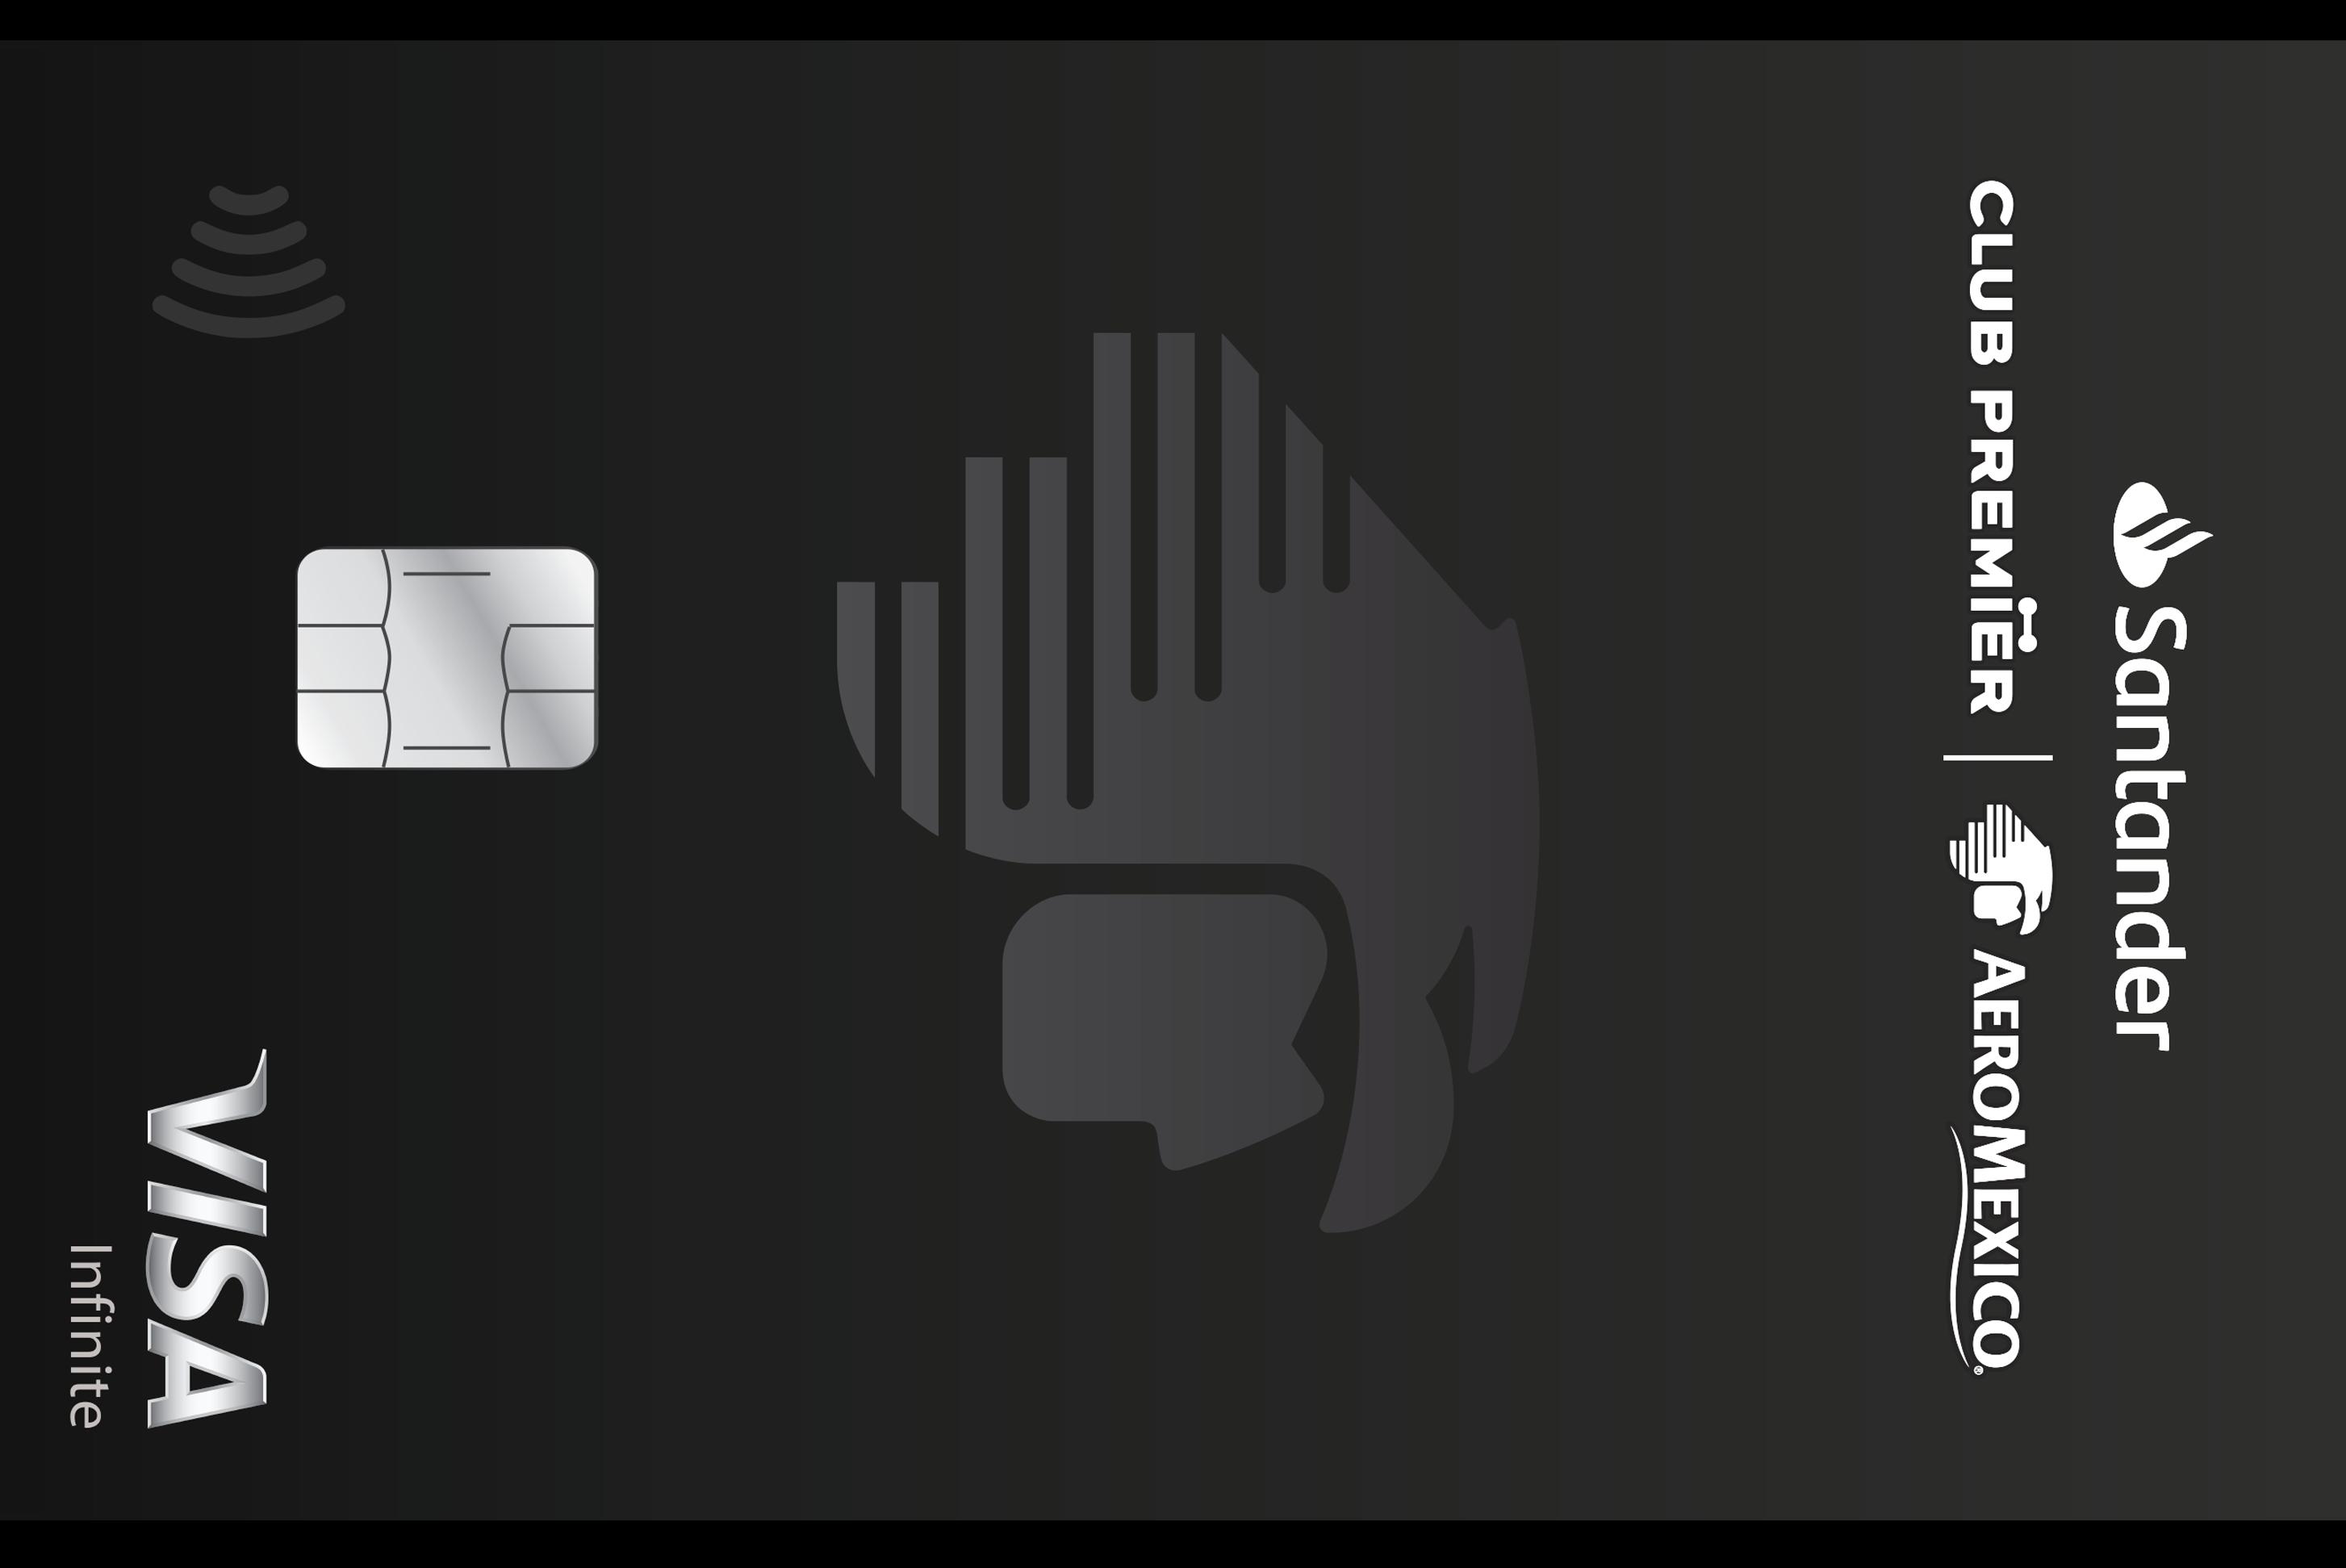 Tarjeta de Crédito Santander Aeroméxico Infinite: Conoce todos los detalles y aprende a solicitar